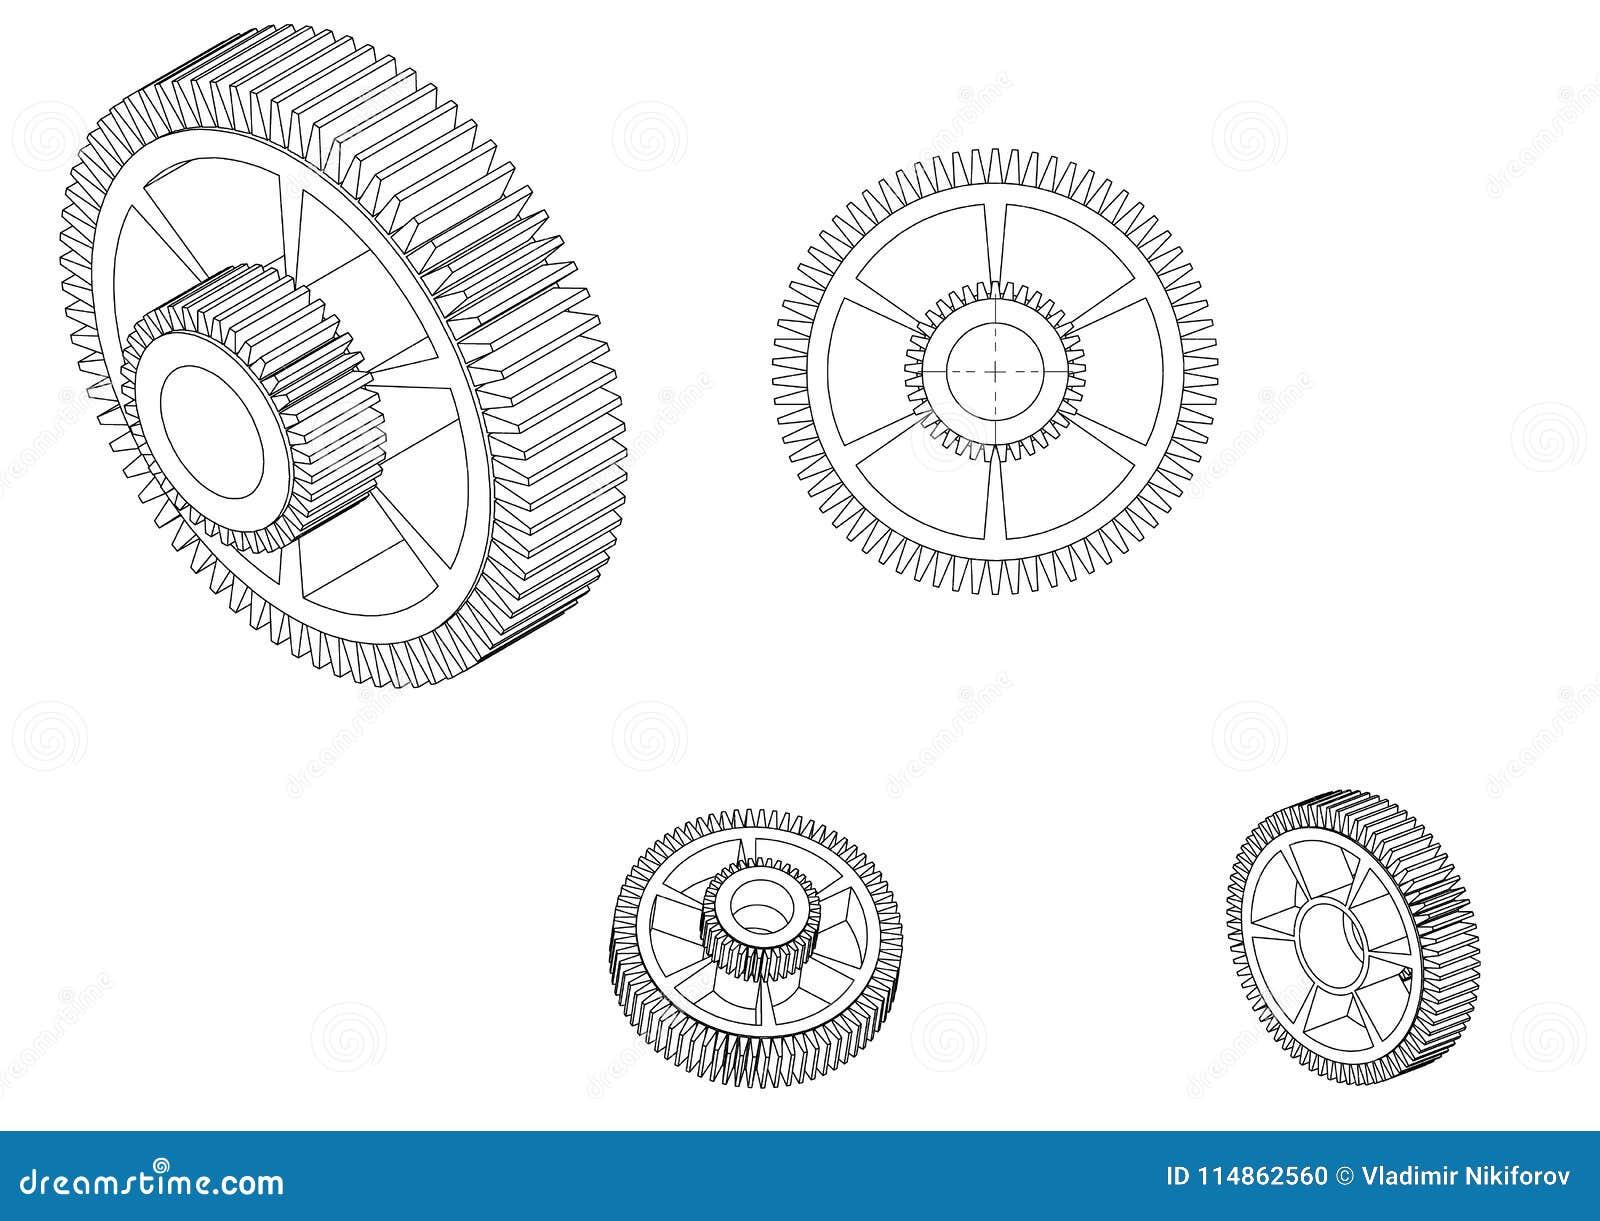 Modelo 3d de uma roda denteada em um branco